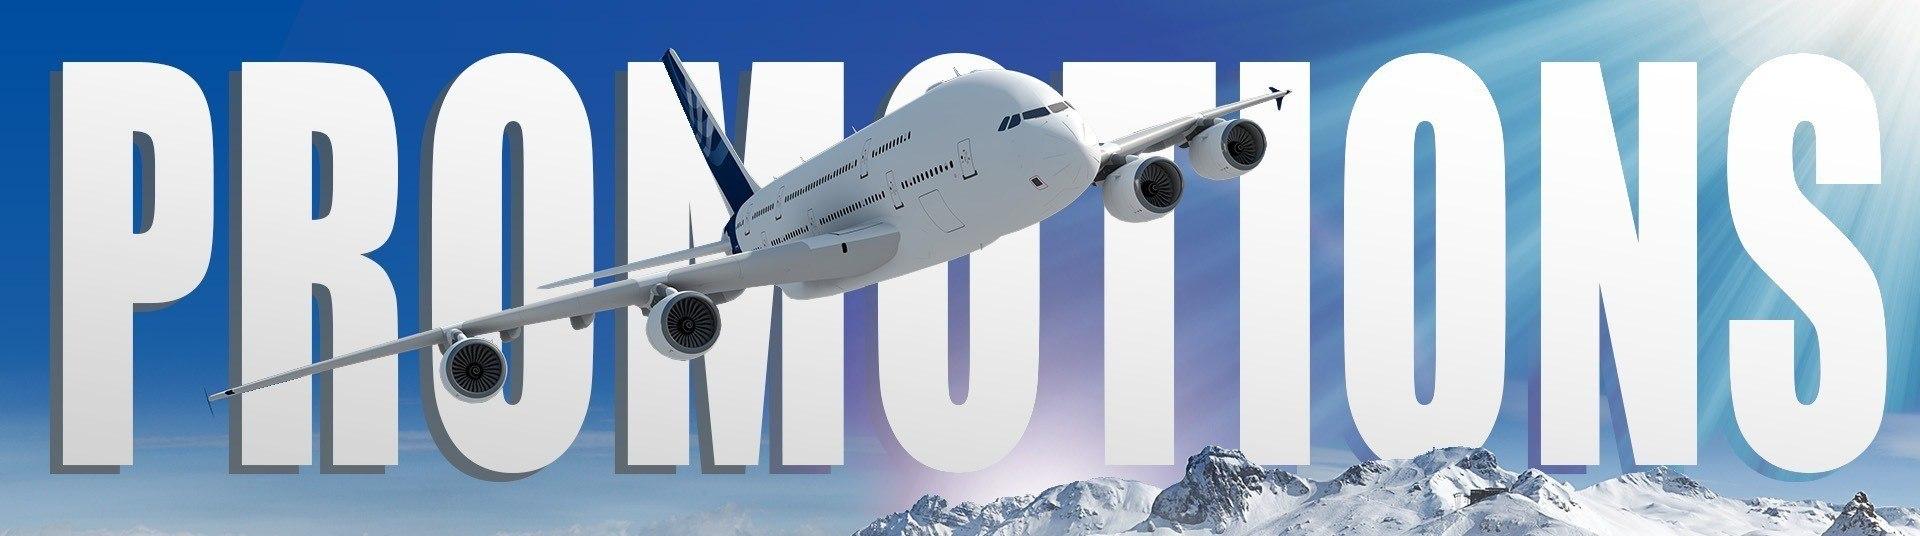 promotion billet d'avion